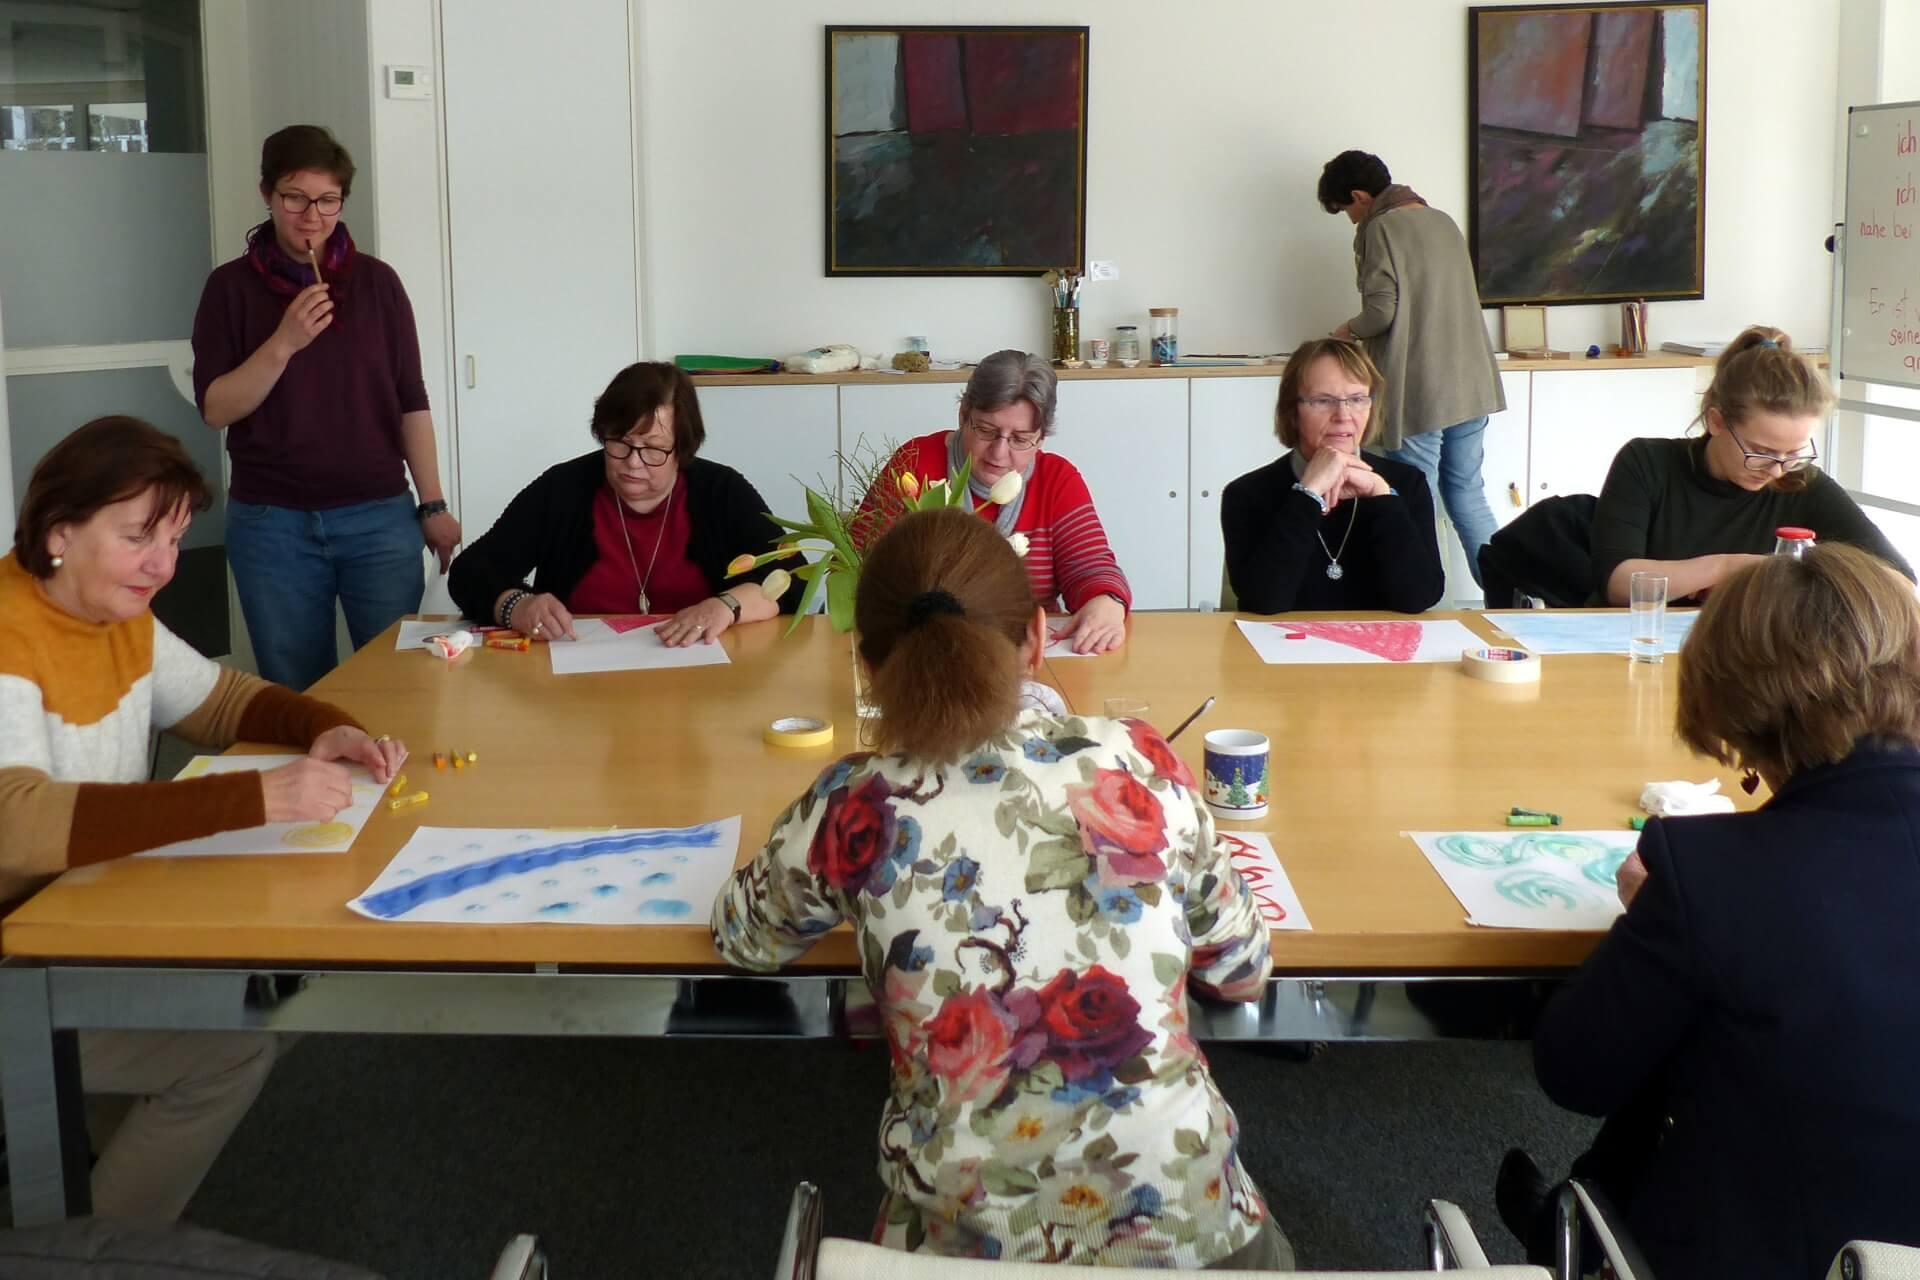 Teilnehmerinnen malen beim Kreativworkshop